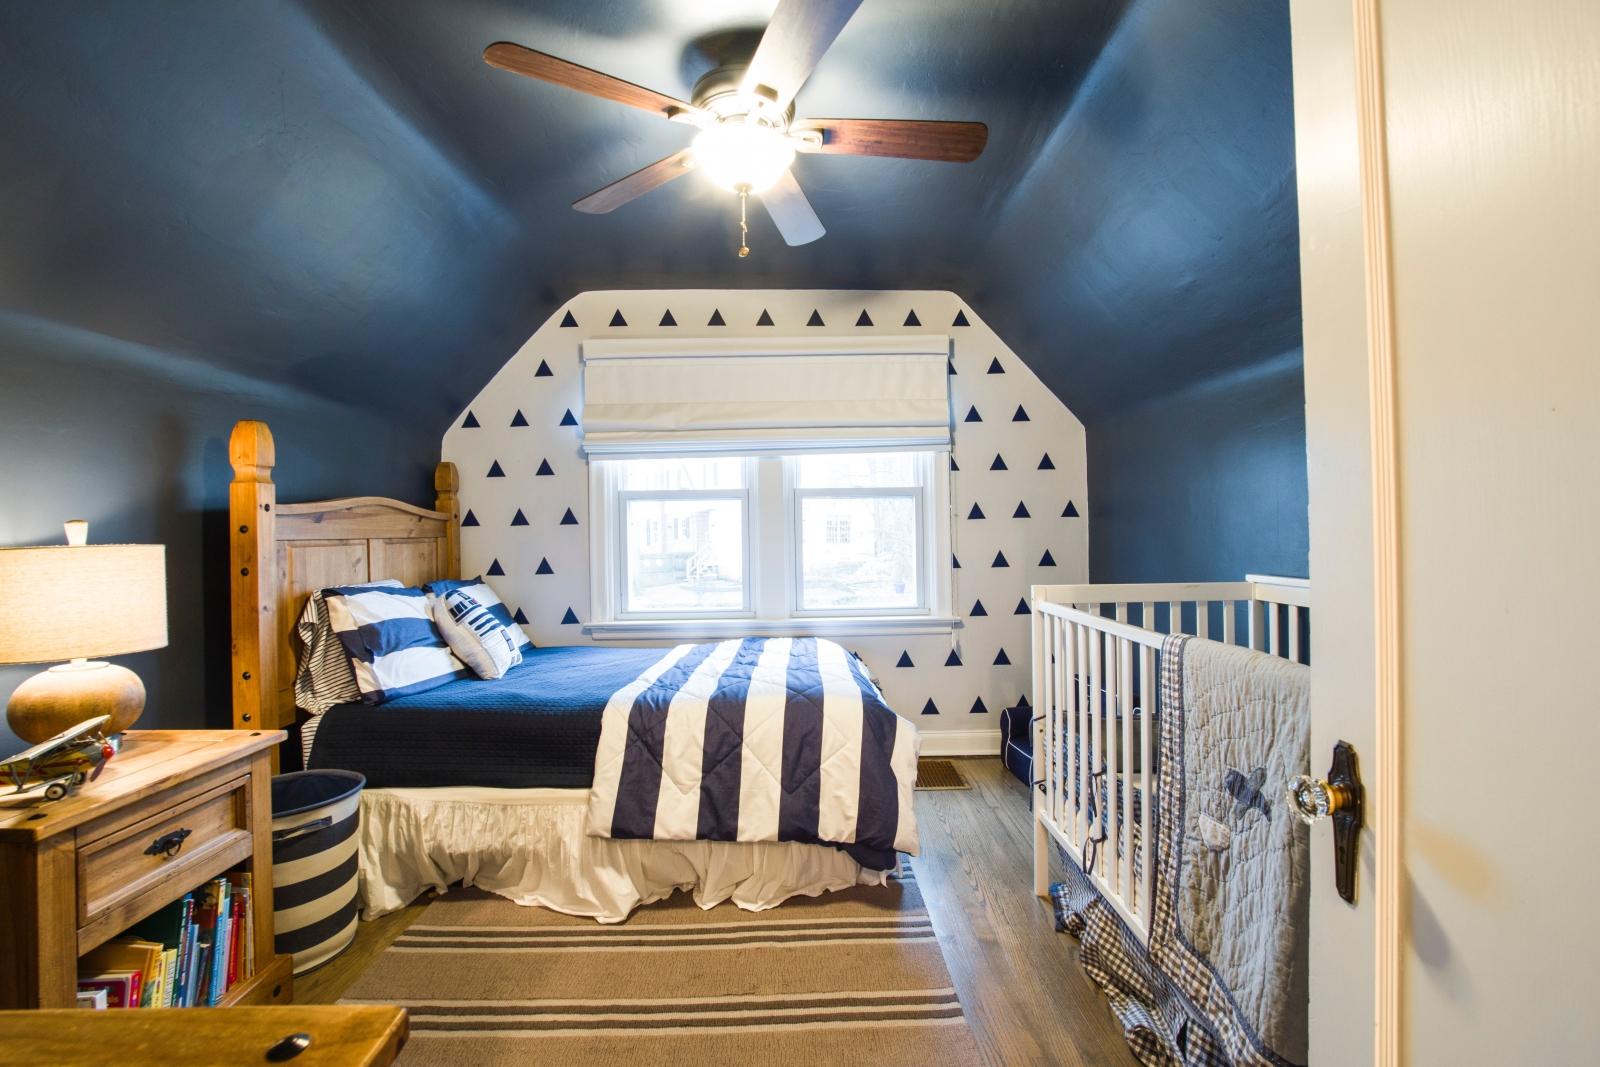 Jaki Wybrać Kolor Do Sypialni Lubelskipl Portal Lifestyle